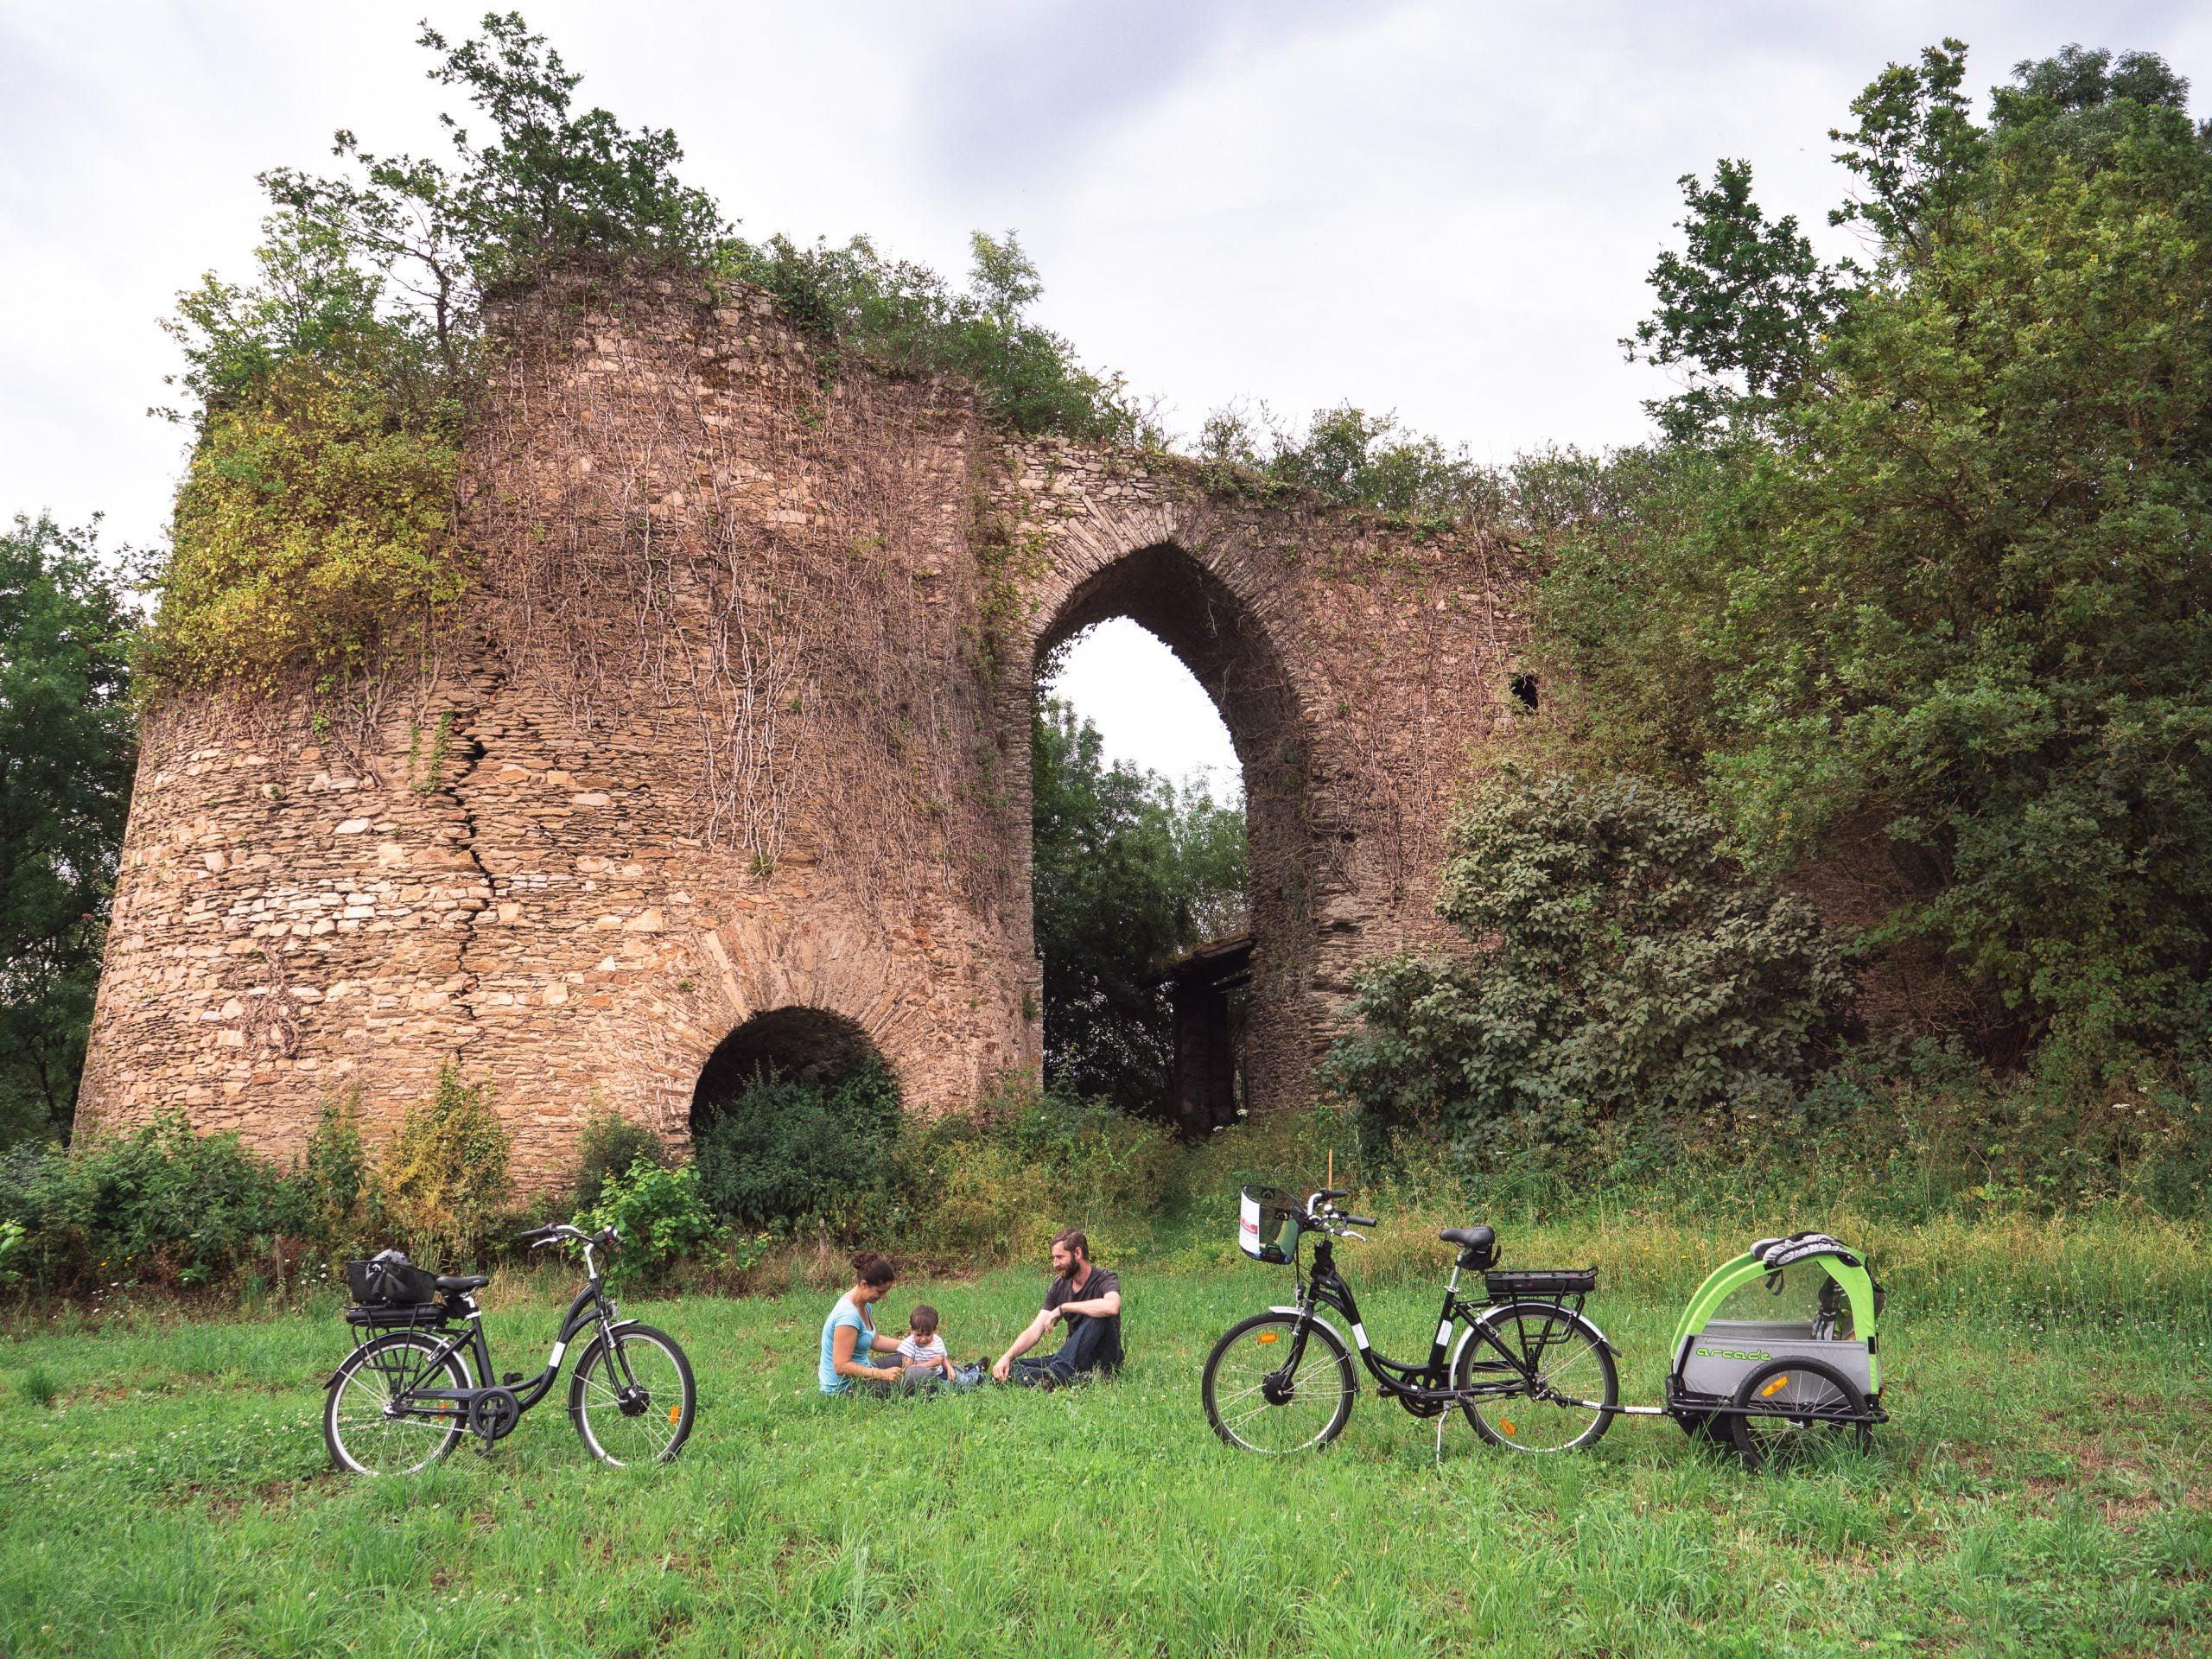 Vignoble vélo four à chaud montru scaled - Les globe blogueurs - blog voyage nature